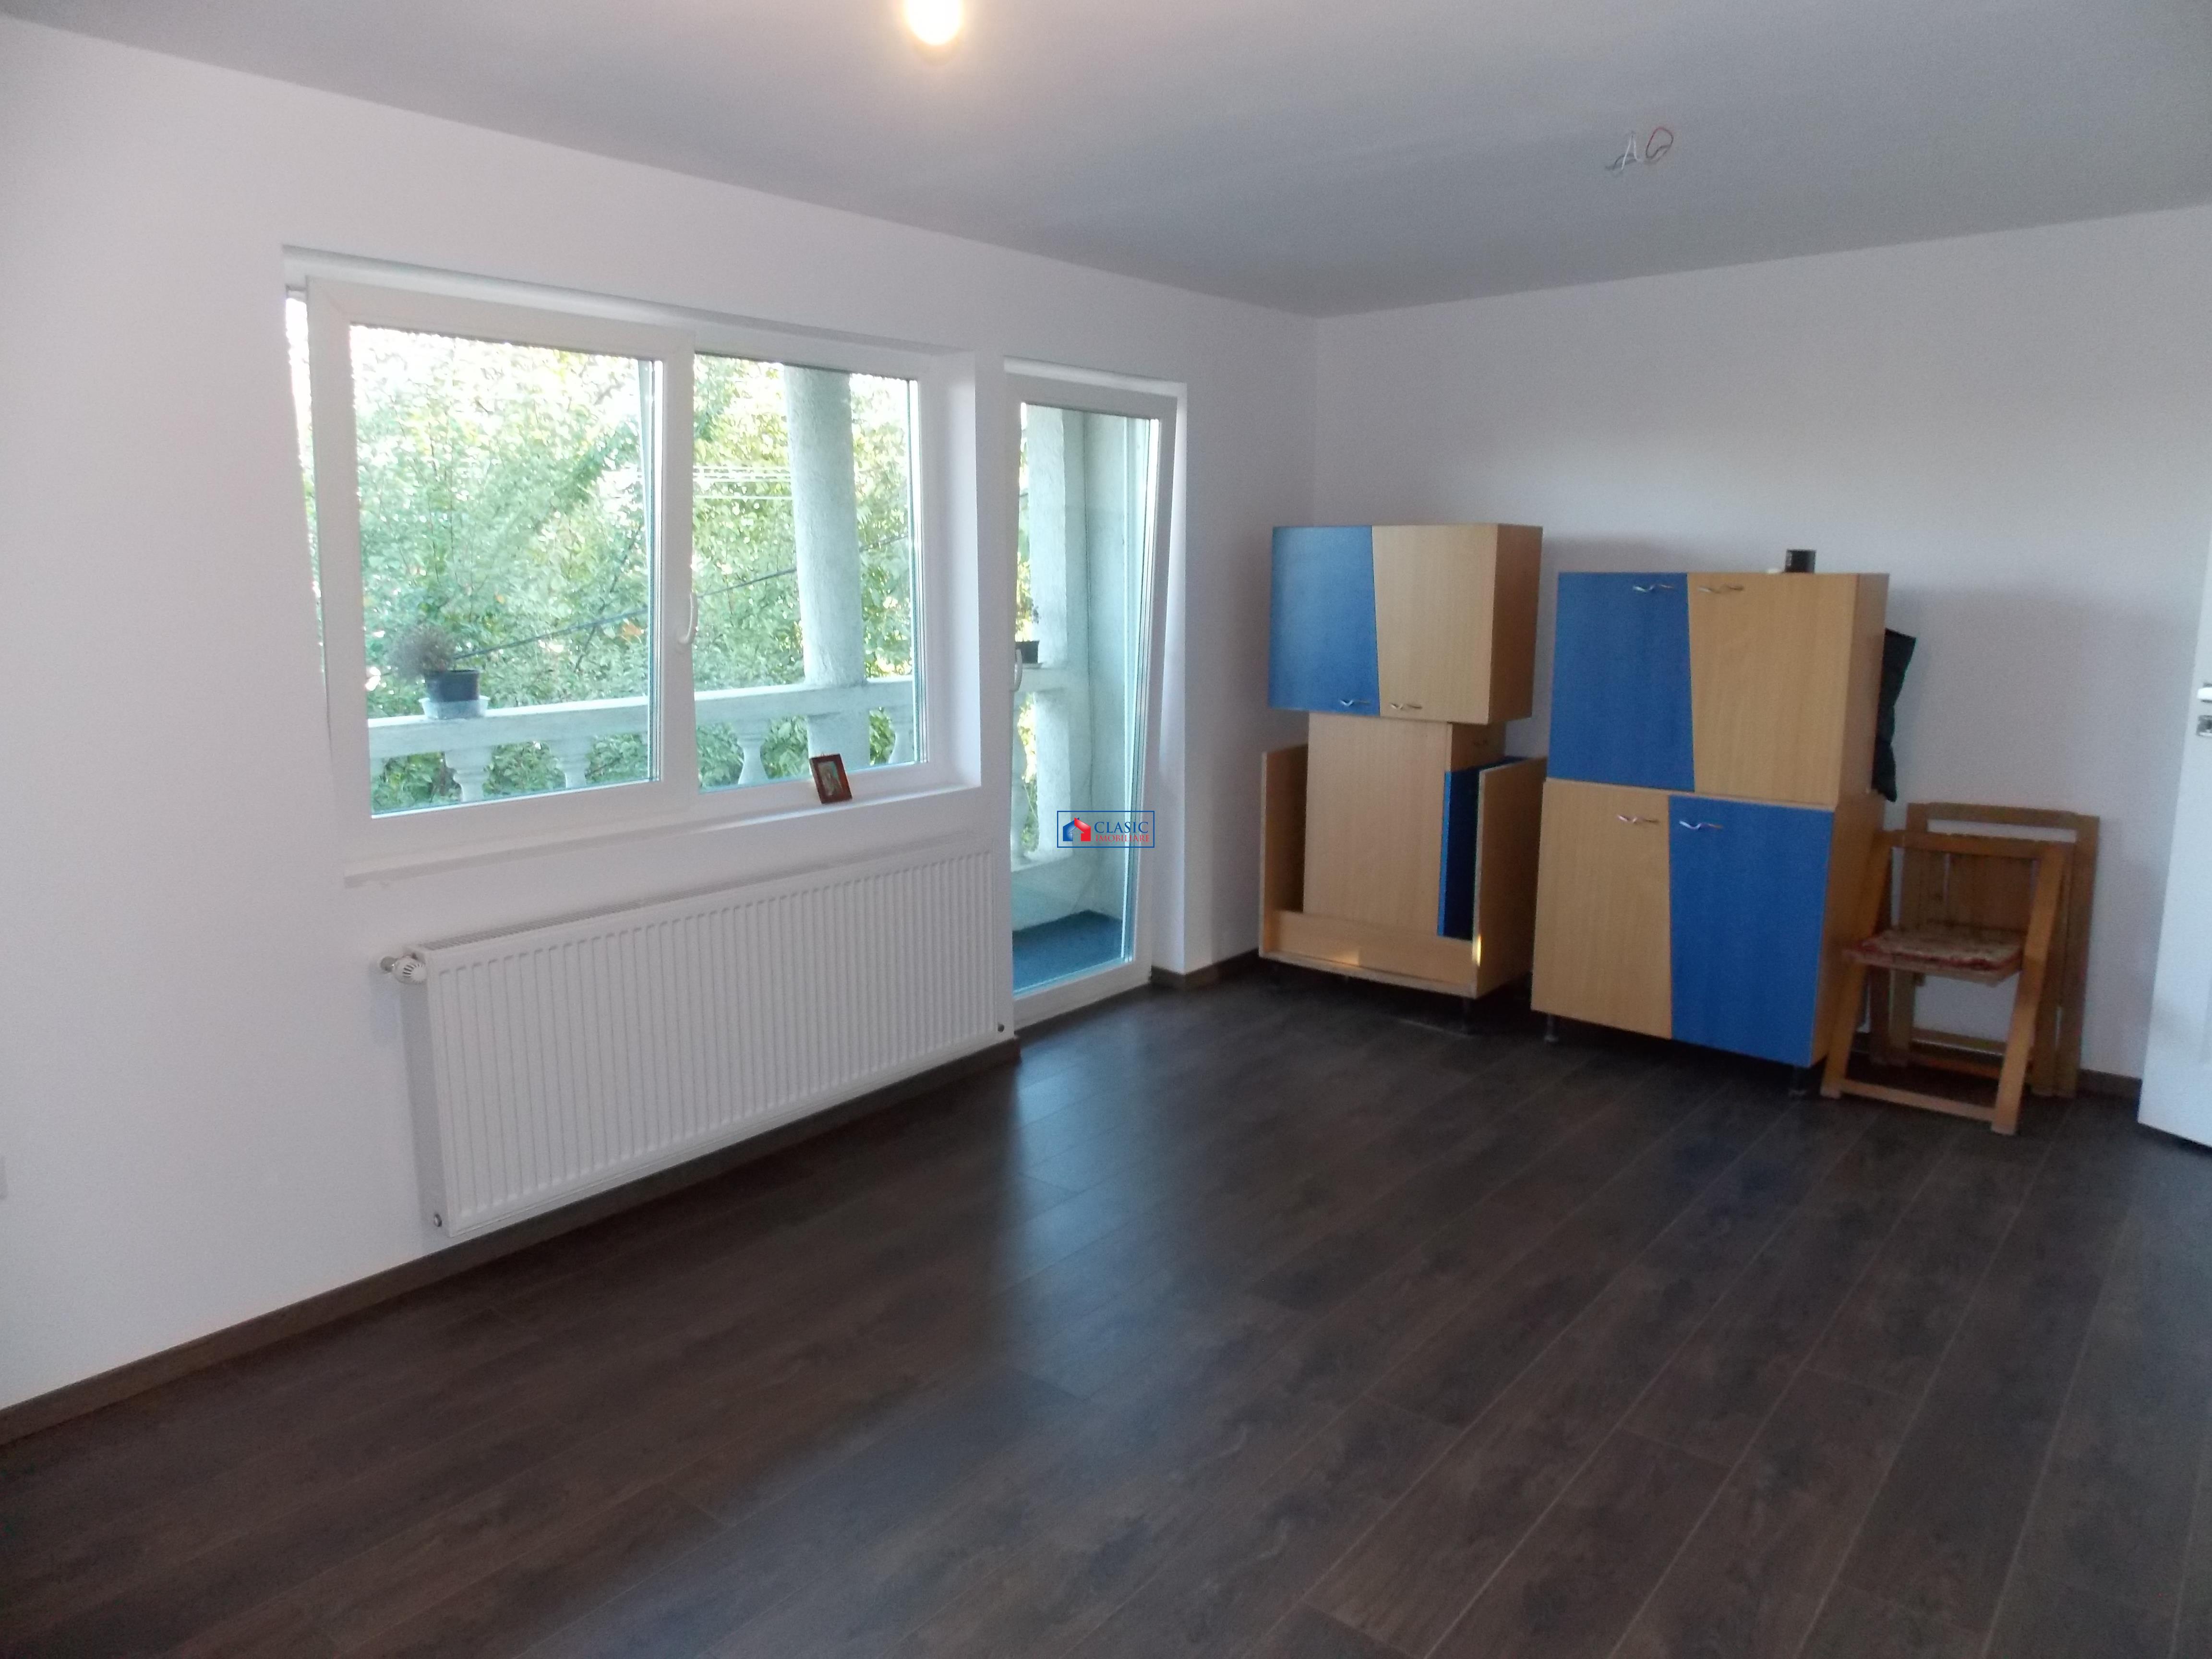 Inchiriere casa partial renovata, zona Semicentral, Cluj Napoca